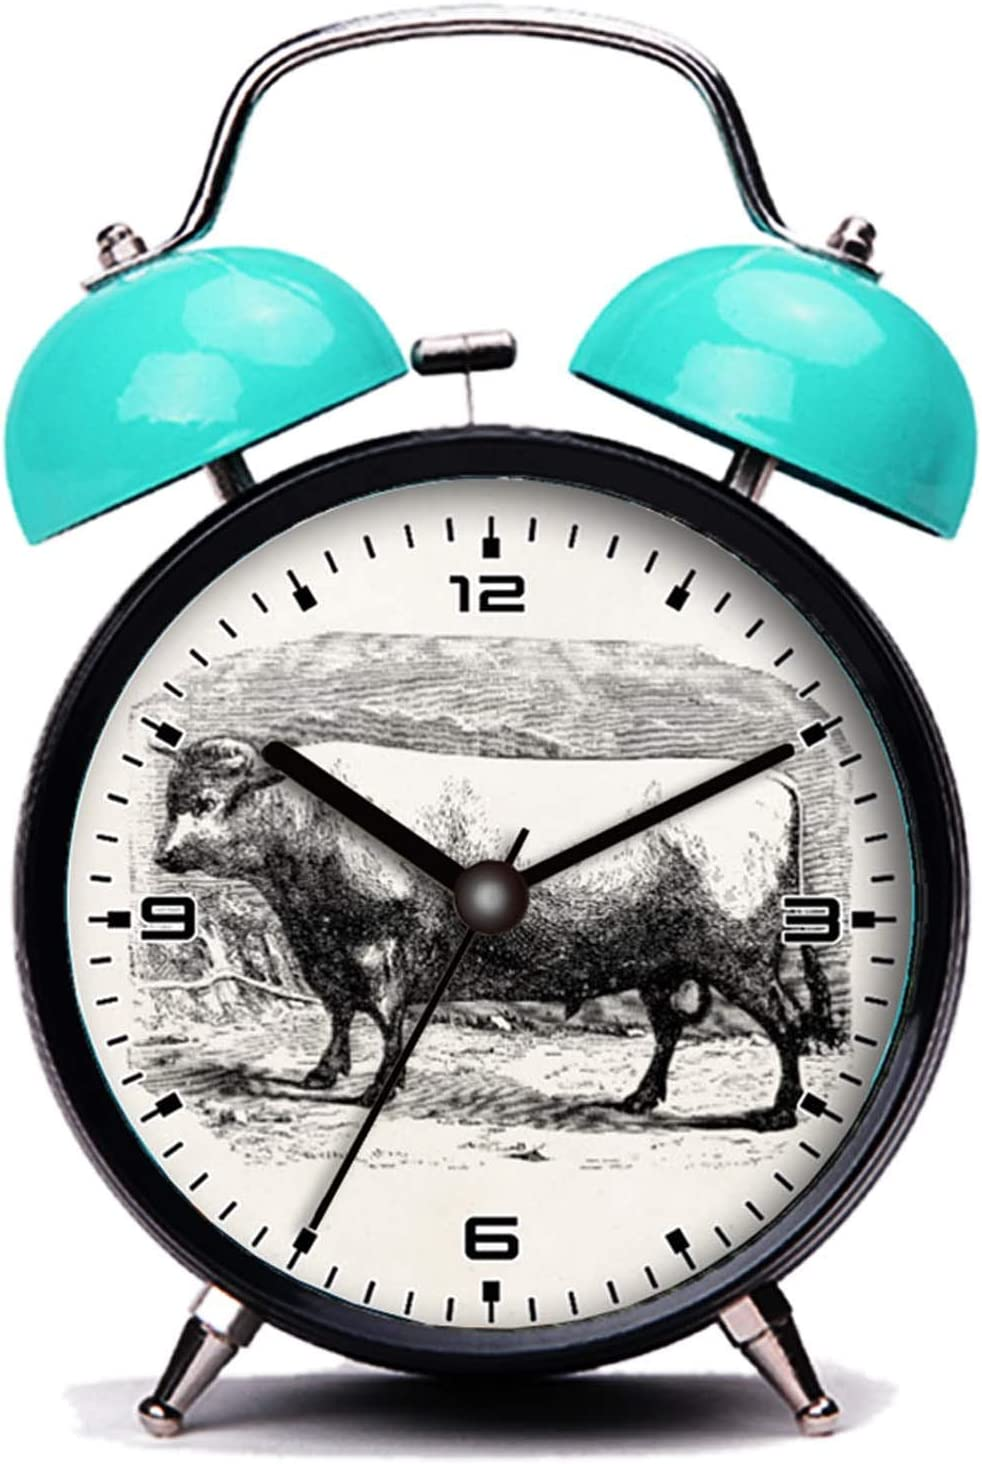 Nette Katze Jahrgang Durham Bull Kuh personalisierte K/ühe Rinder es Twin Bell Wecker mit Nachtlicht girlsight Blauer Wecker